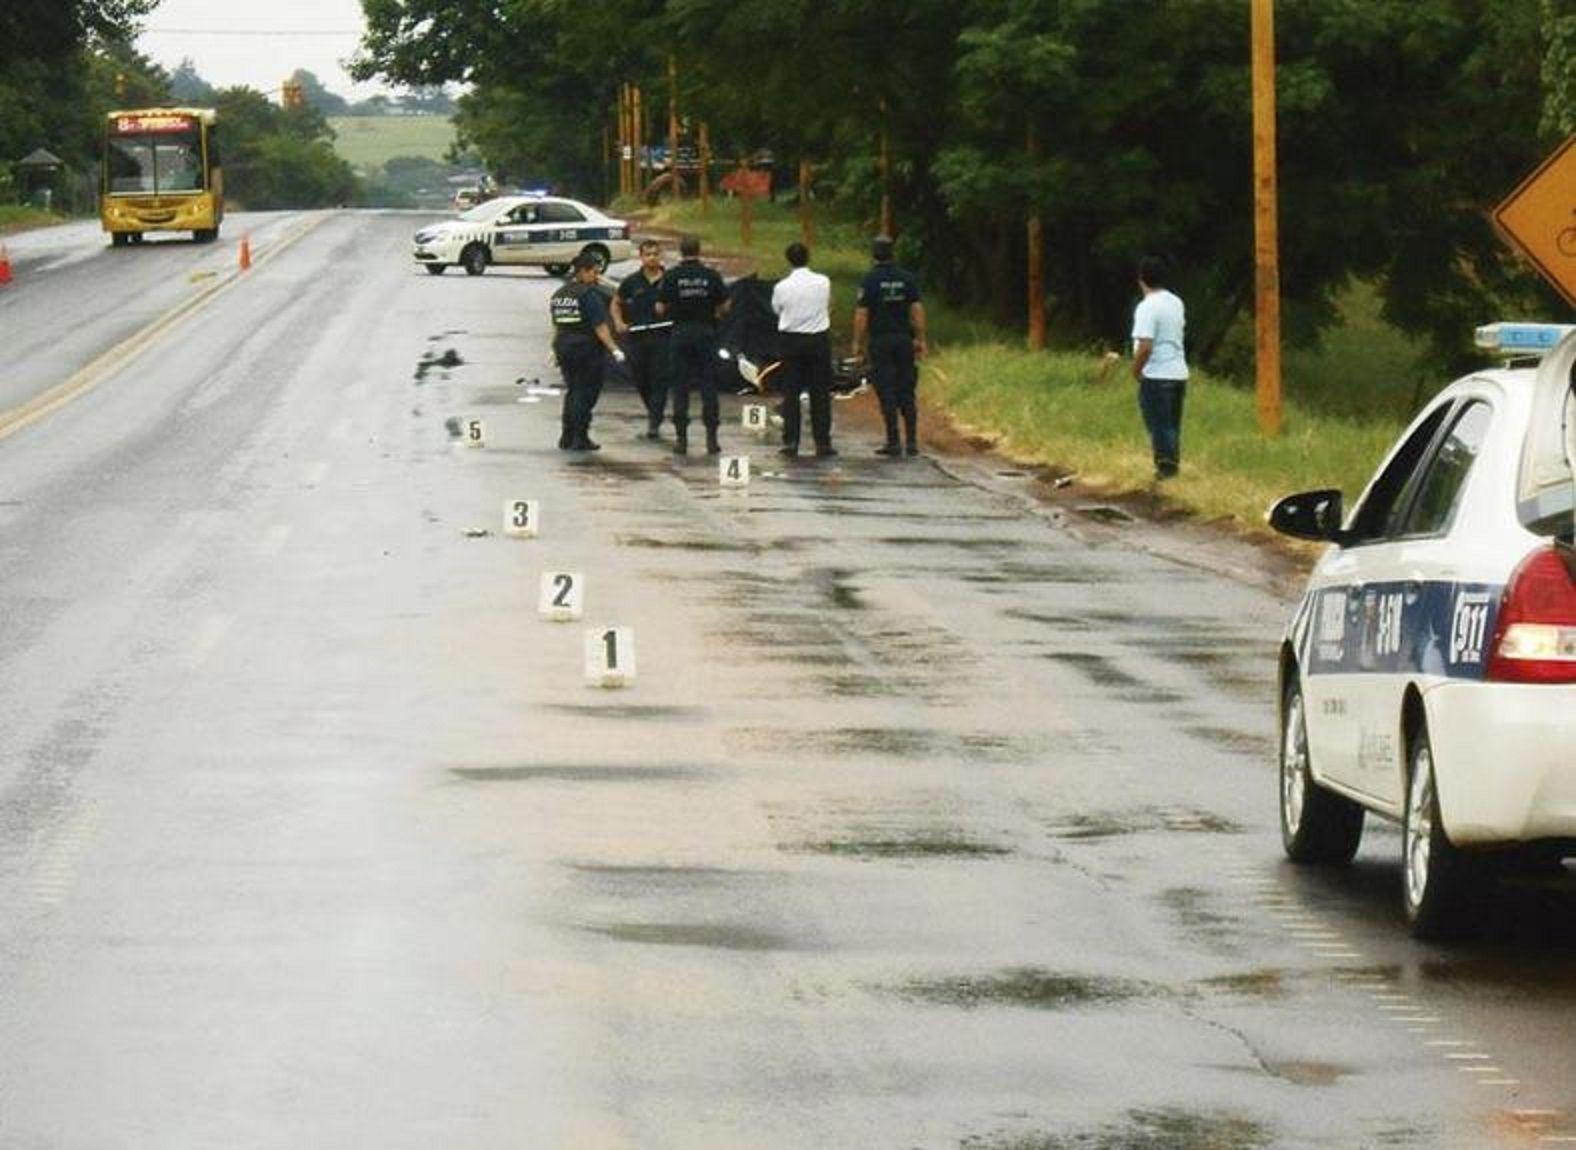 El accidente ocurrió en enero de 2016 en la avenida Quaranta entre Zapiola y 115 en Posadas.